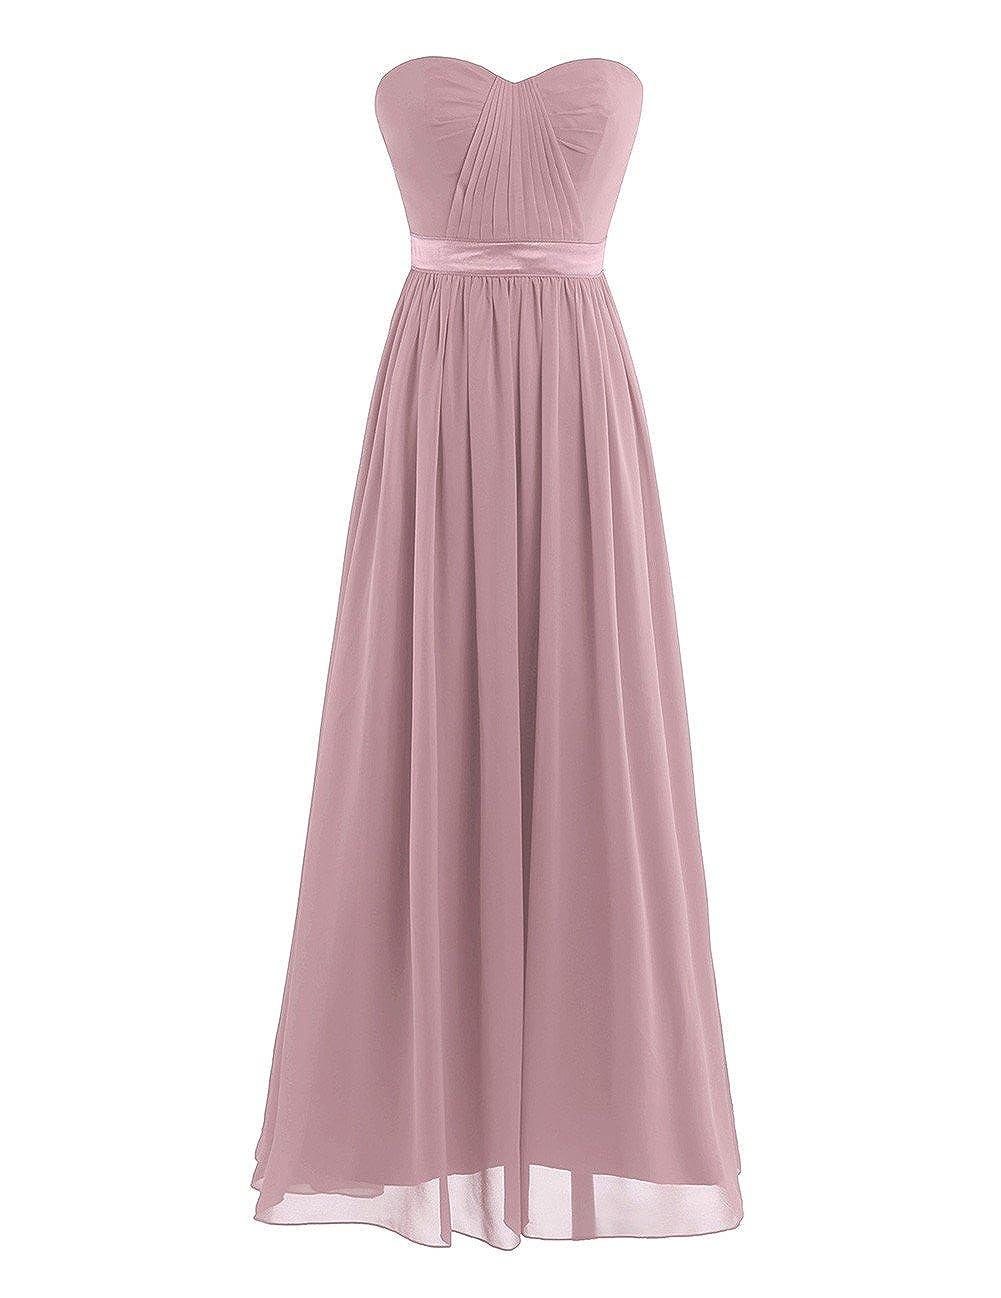 Tiaobug Damen Kleid Elegant Abendkleider Lang Chiffon Brautjungfernkleid festlich Hochzeits Kleider Cocktailkleid